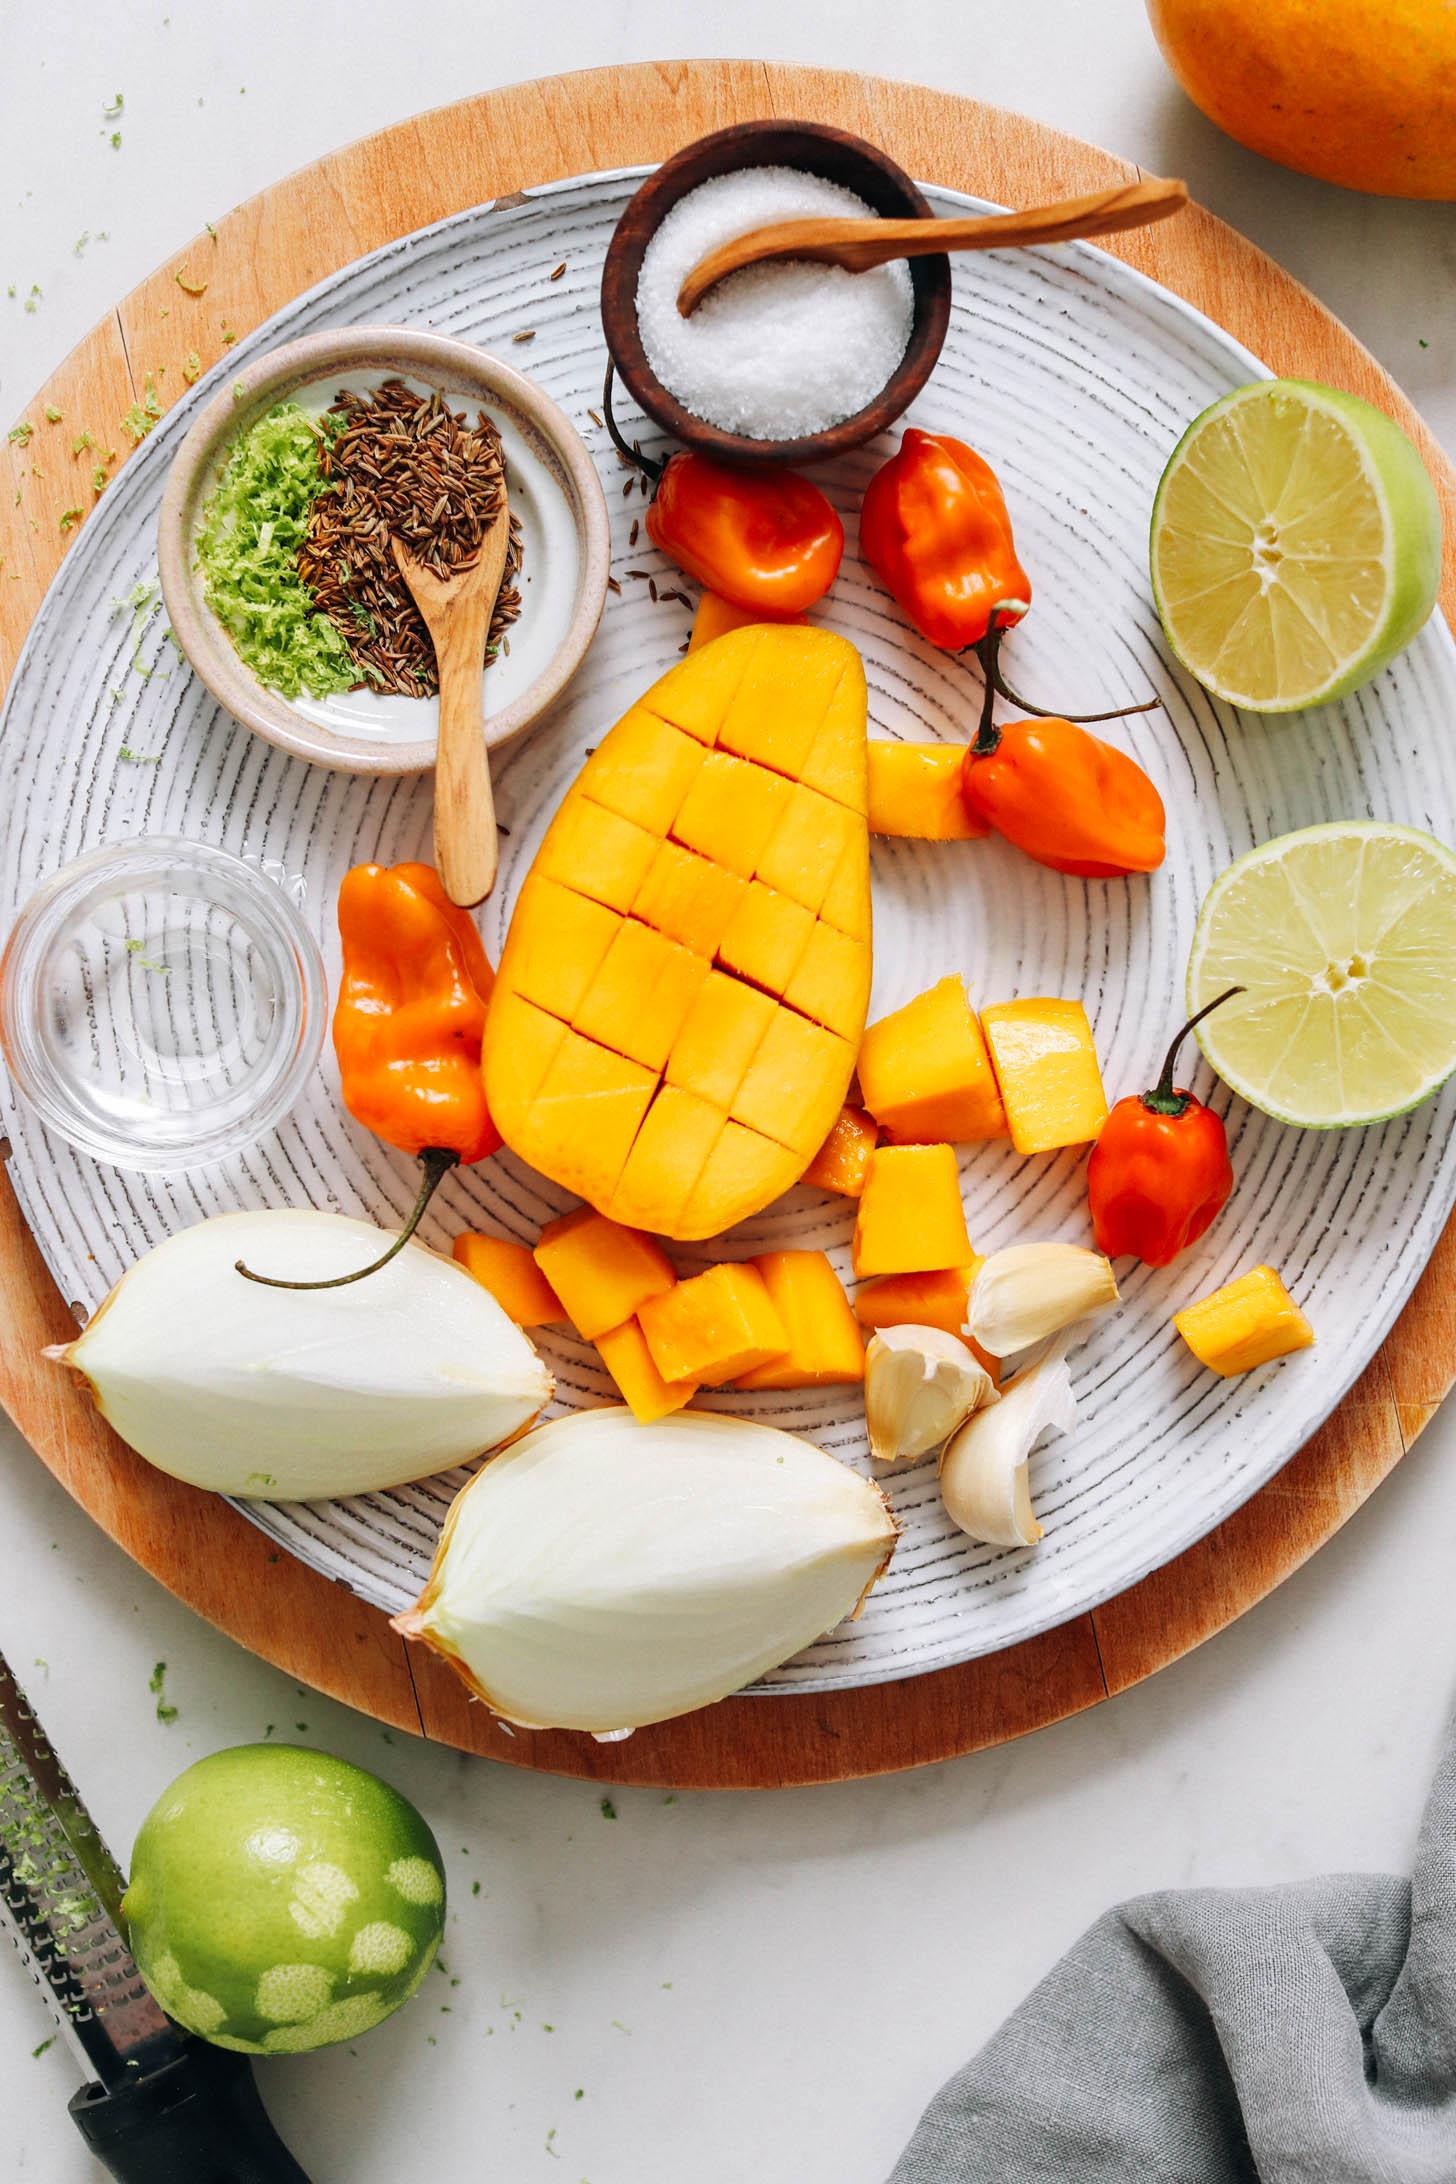 Tányér sóval, limmel, habaneróval, mangóval, köménymaggal, limehéjjal, vízzel, hagymával és fokhagymával